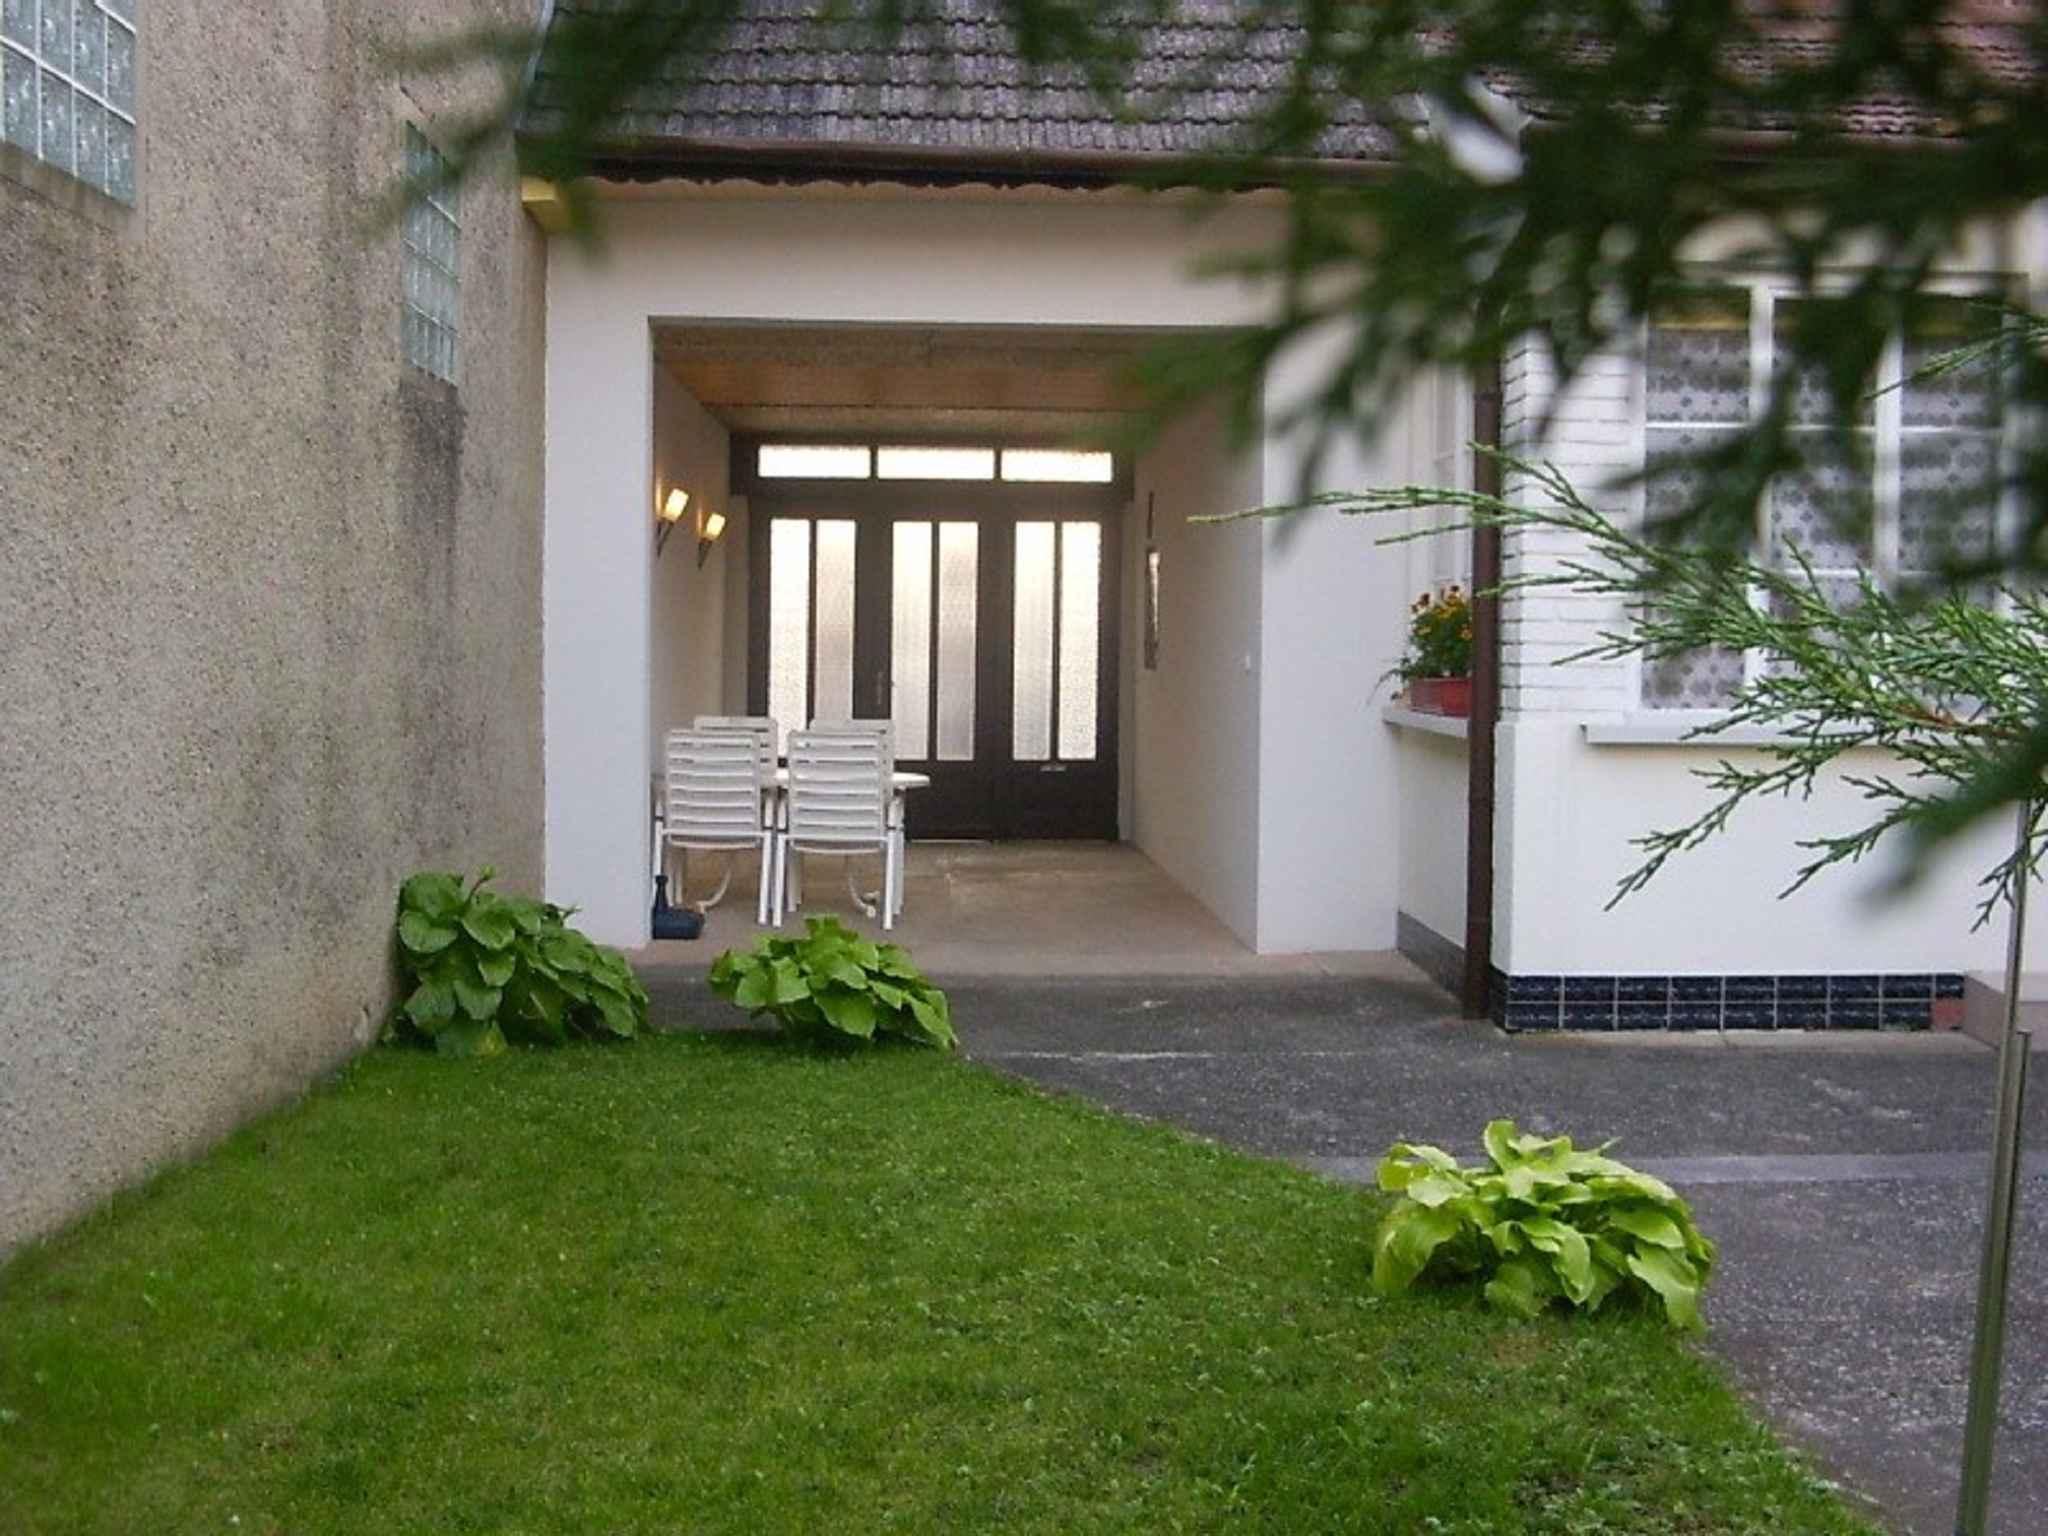 Ferienwohnung in zentraler Lage (595274), St. Andrä am Zicksee, Neusiedler See, Burgenland, Österreich, Bild 2